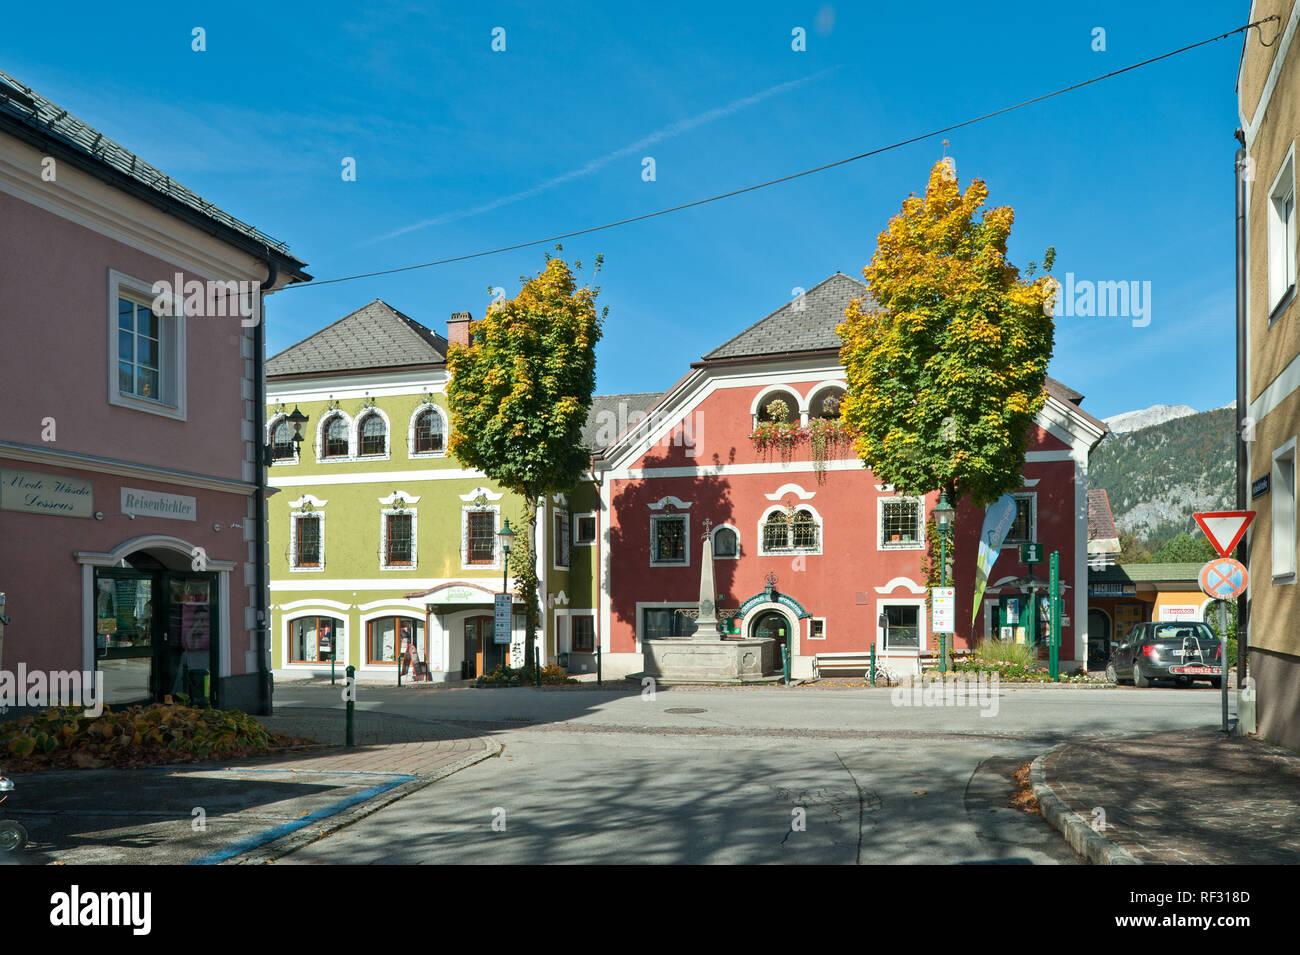 Singlebrse in Kirchdorf an der Krems und Singletreff